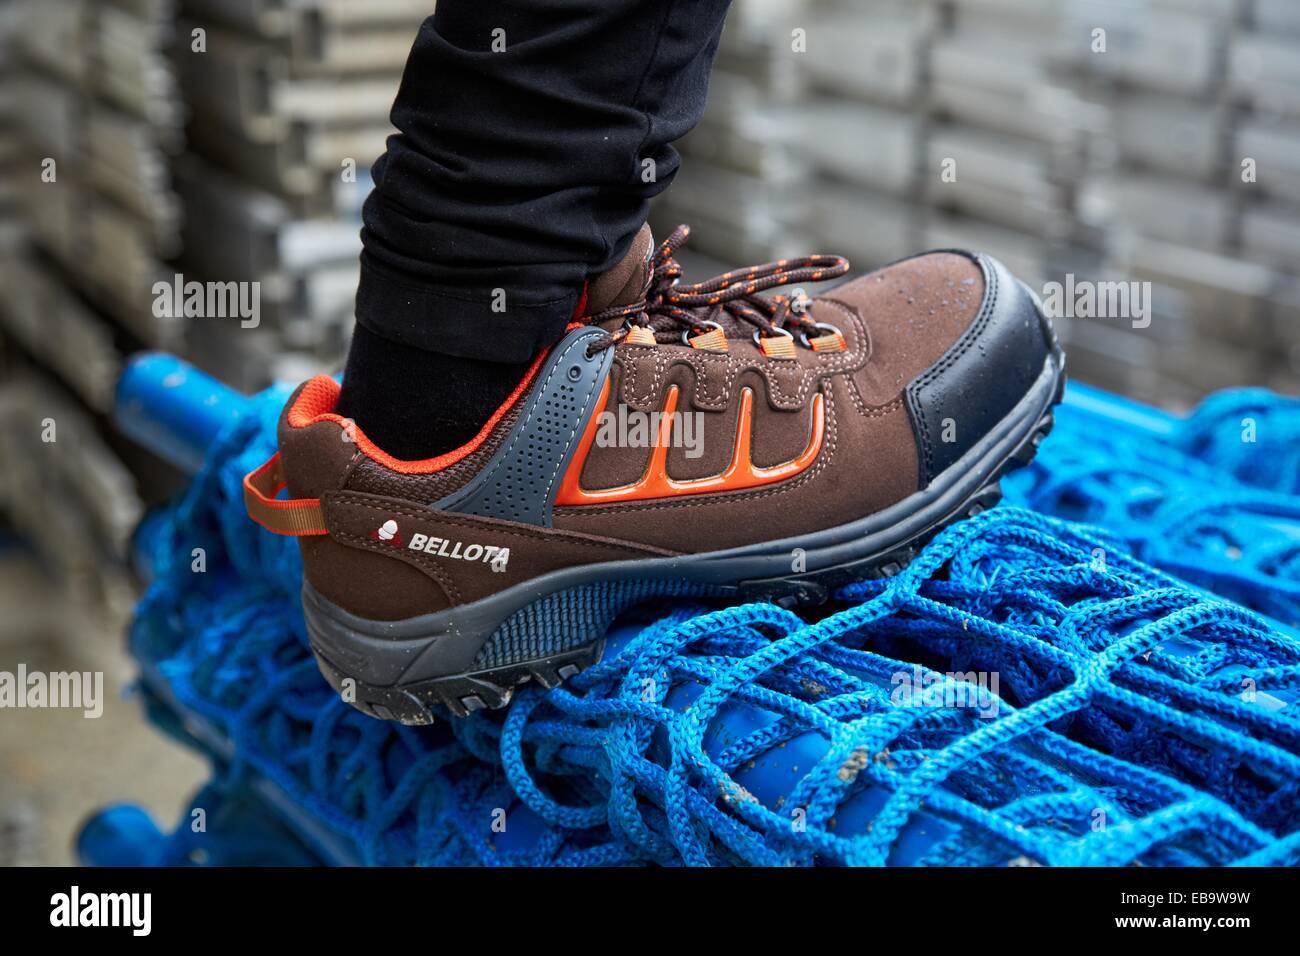 Des Chaussures De Construction Avec La Travailleur Sécurité bf76gyY